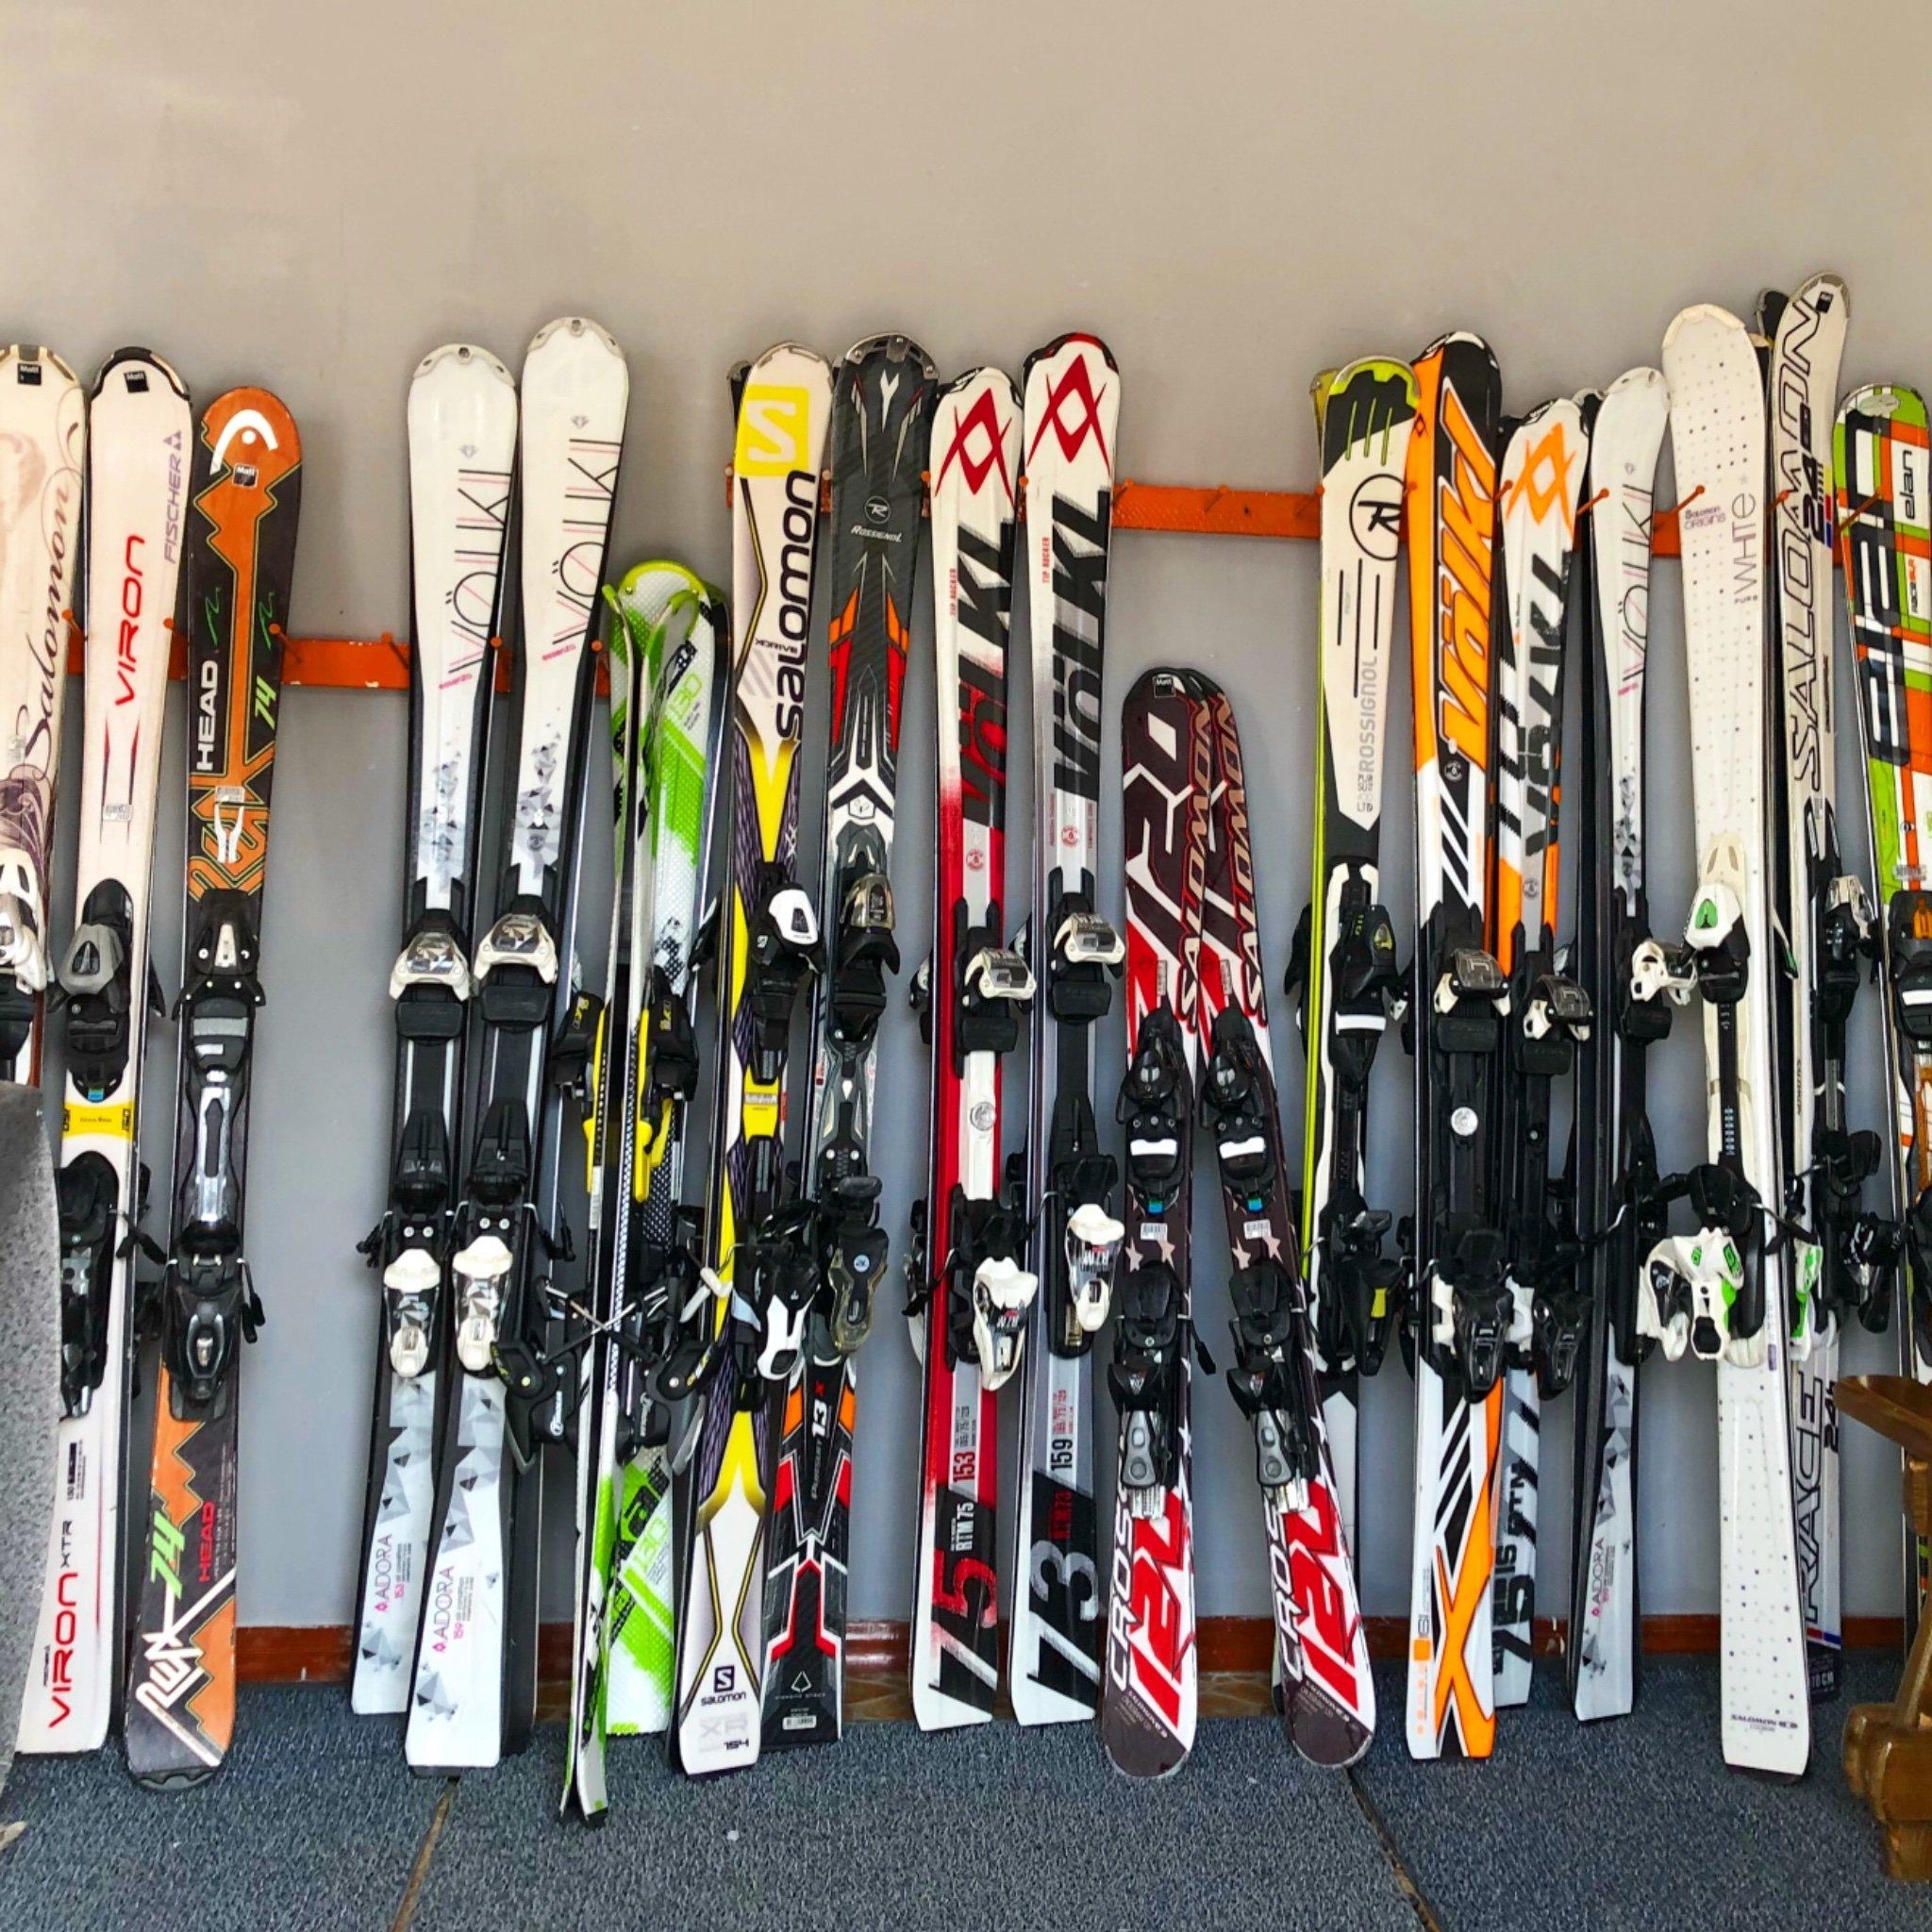 фото магазина горнолыжного снаряжения на фантьет профиля индексируется внутренним